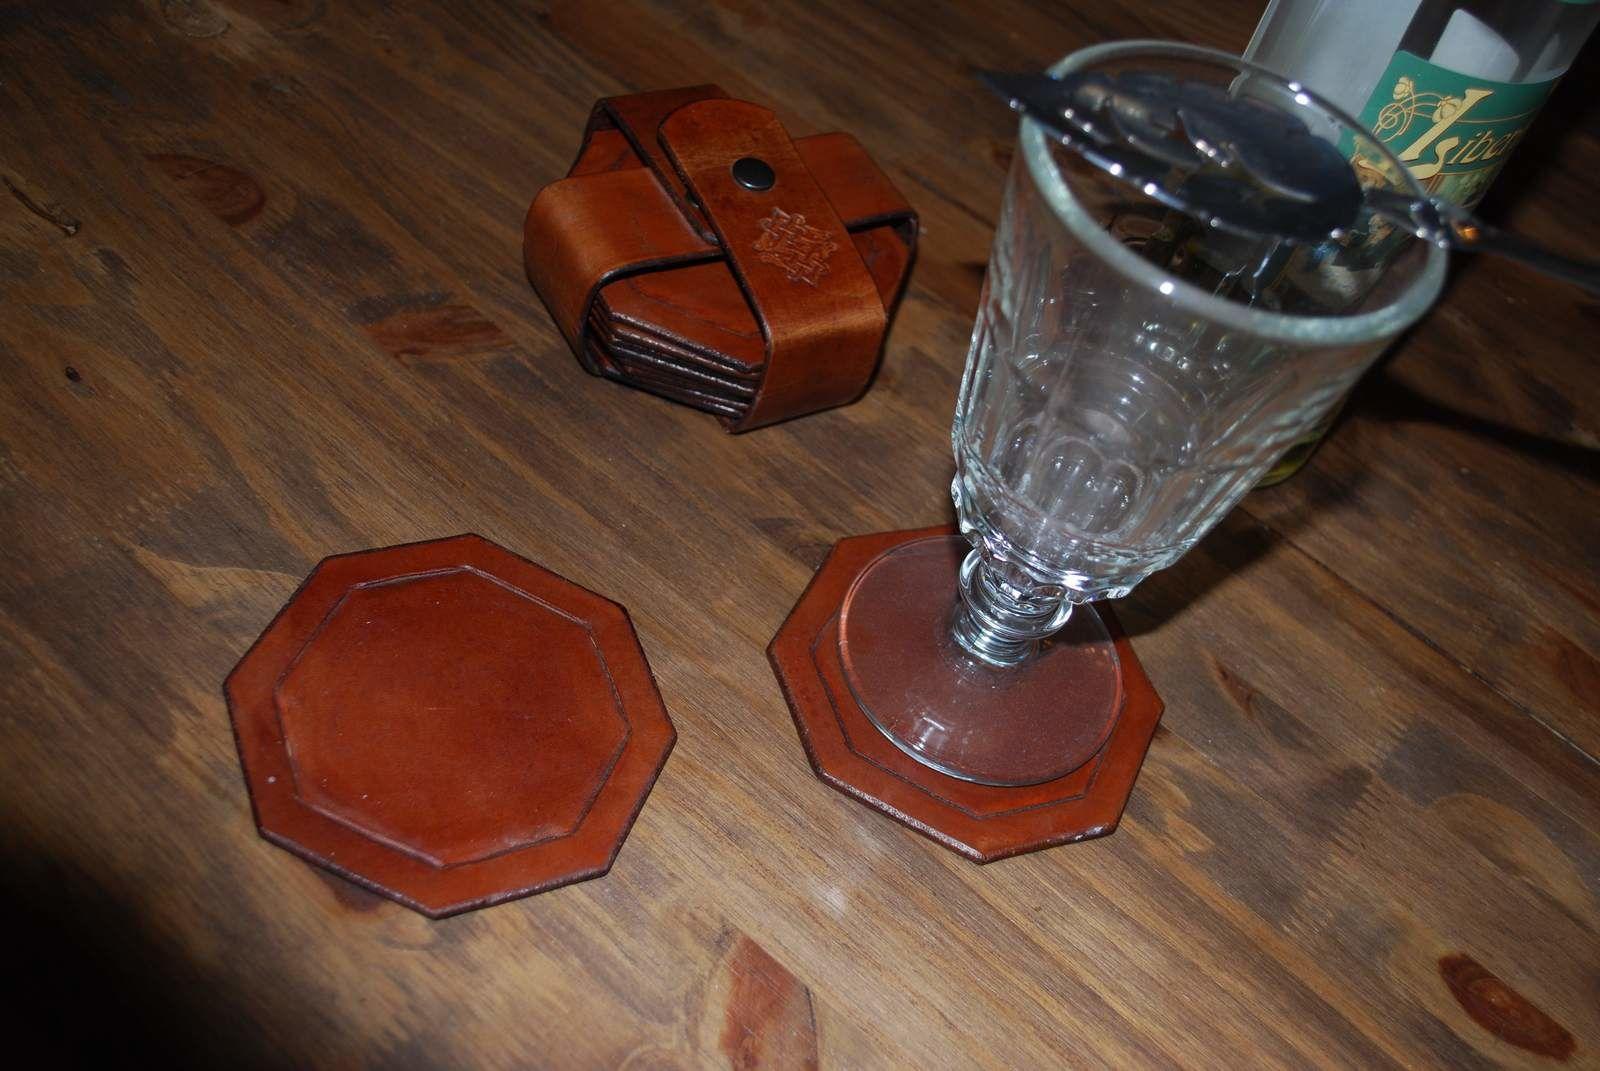 des sous verres sur mesure kachiic cr ations les cuirs. Black Bedroom Furniture Sets. Home Design Ideas